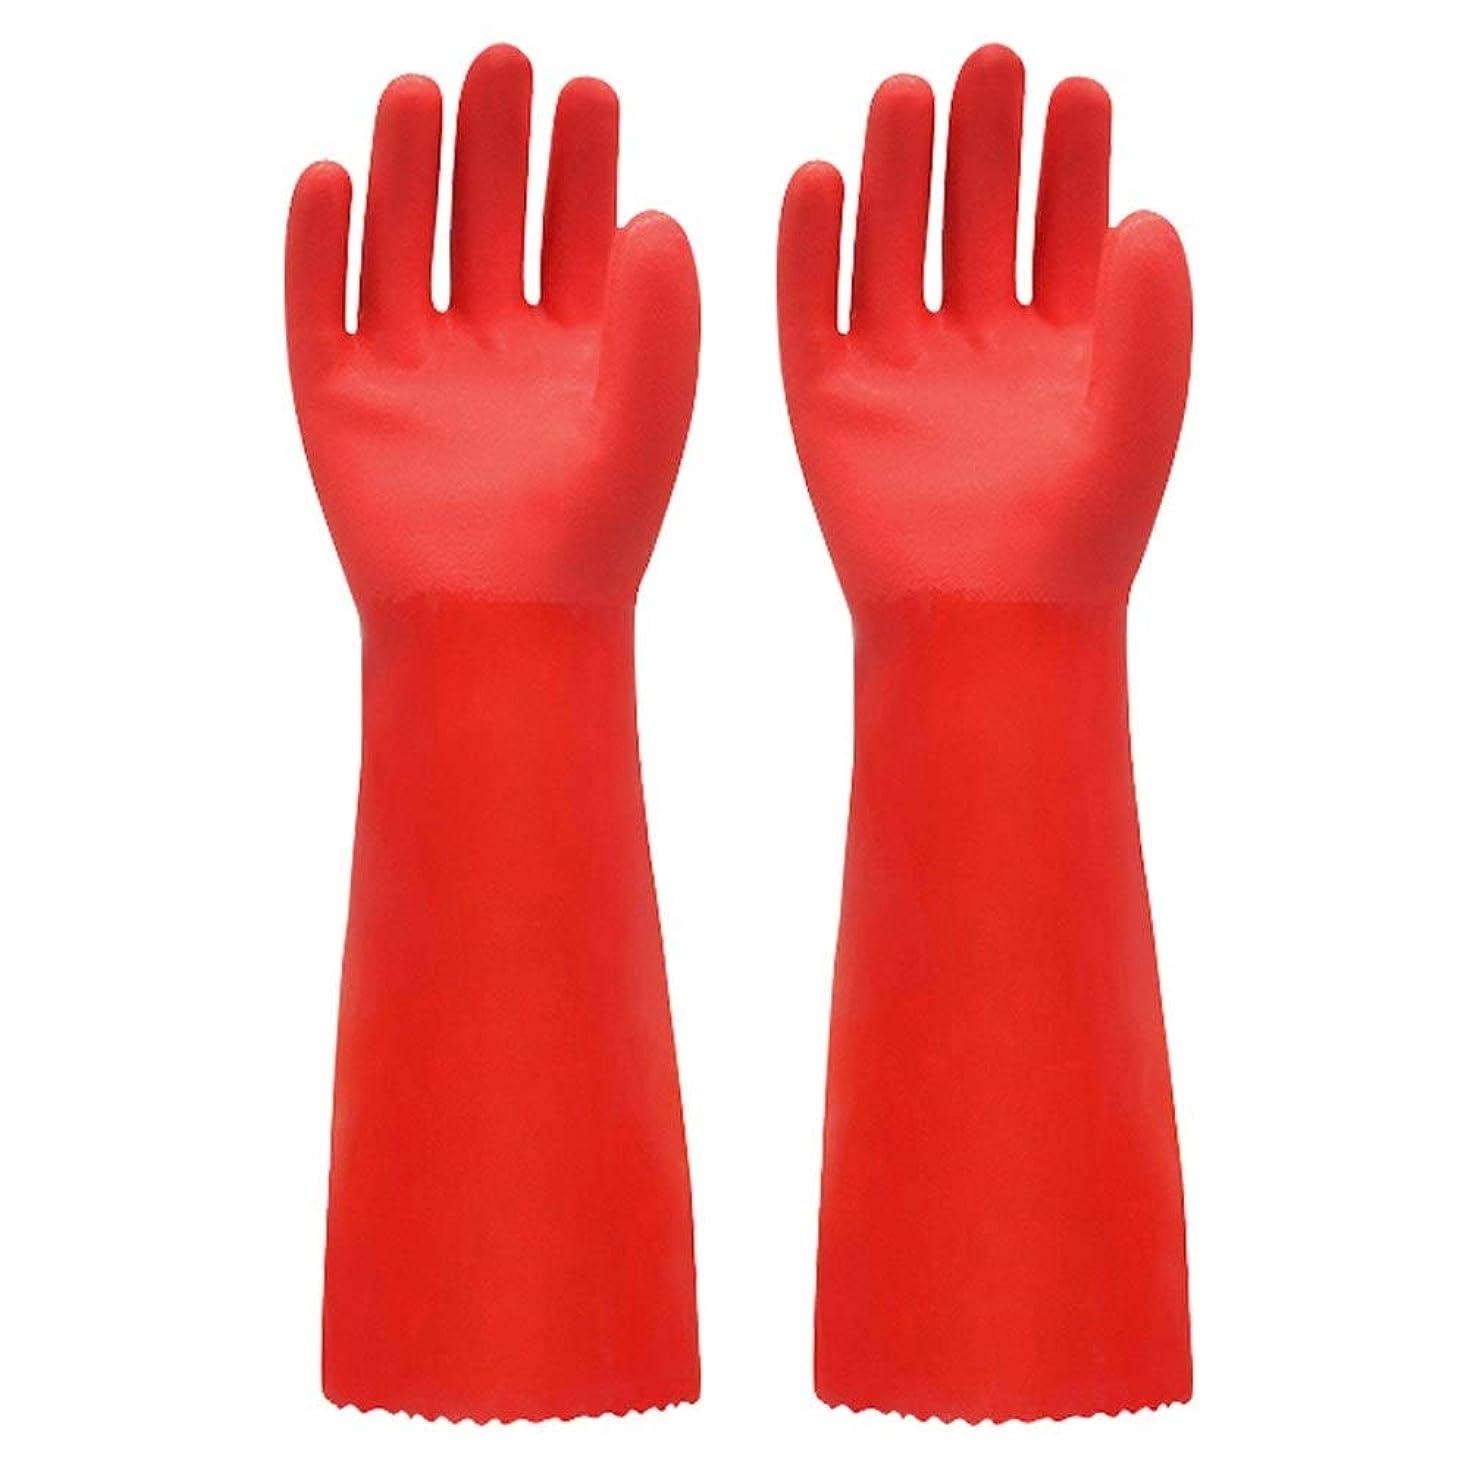 変装枯渇するだますニトリルゴム手袋 ゴム手袋長く暖かいとビロードのゴム製防水と耐久性のある手袋、1ペア 使い捨て手袋 (Color : RED, Size : L)